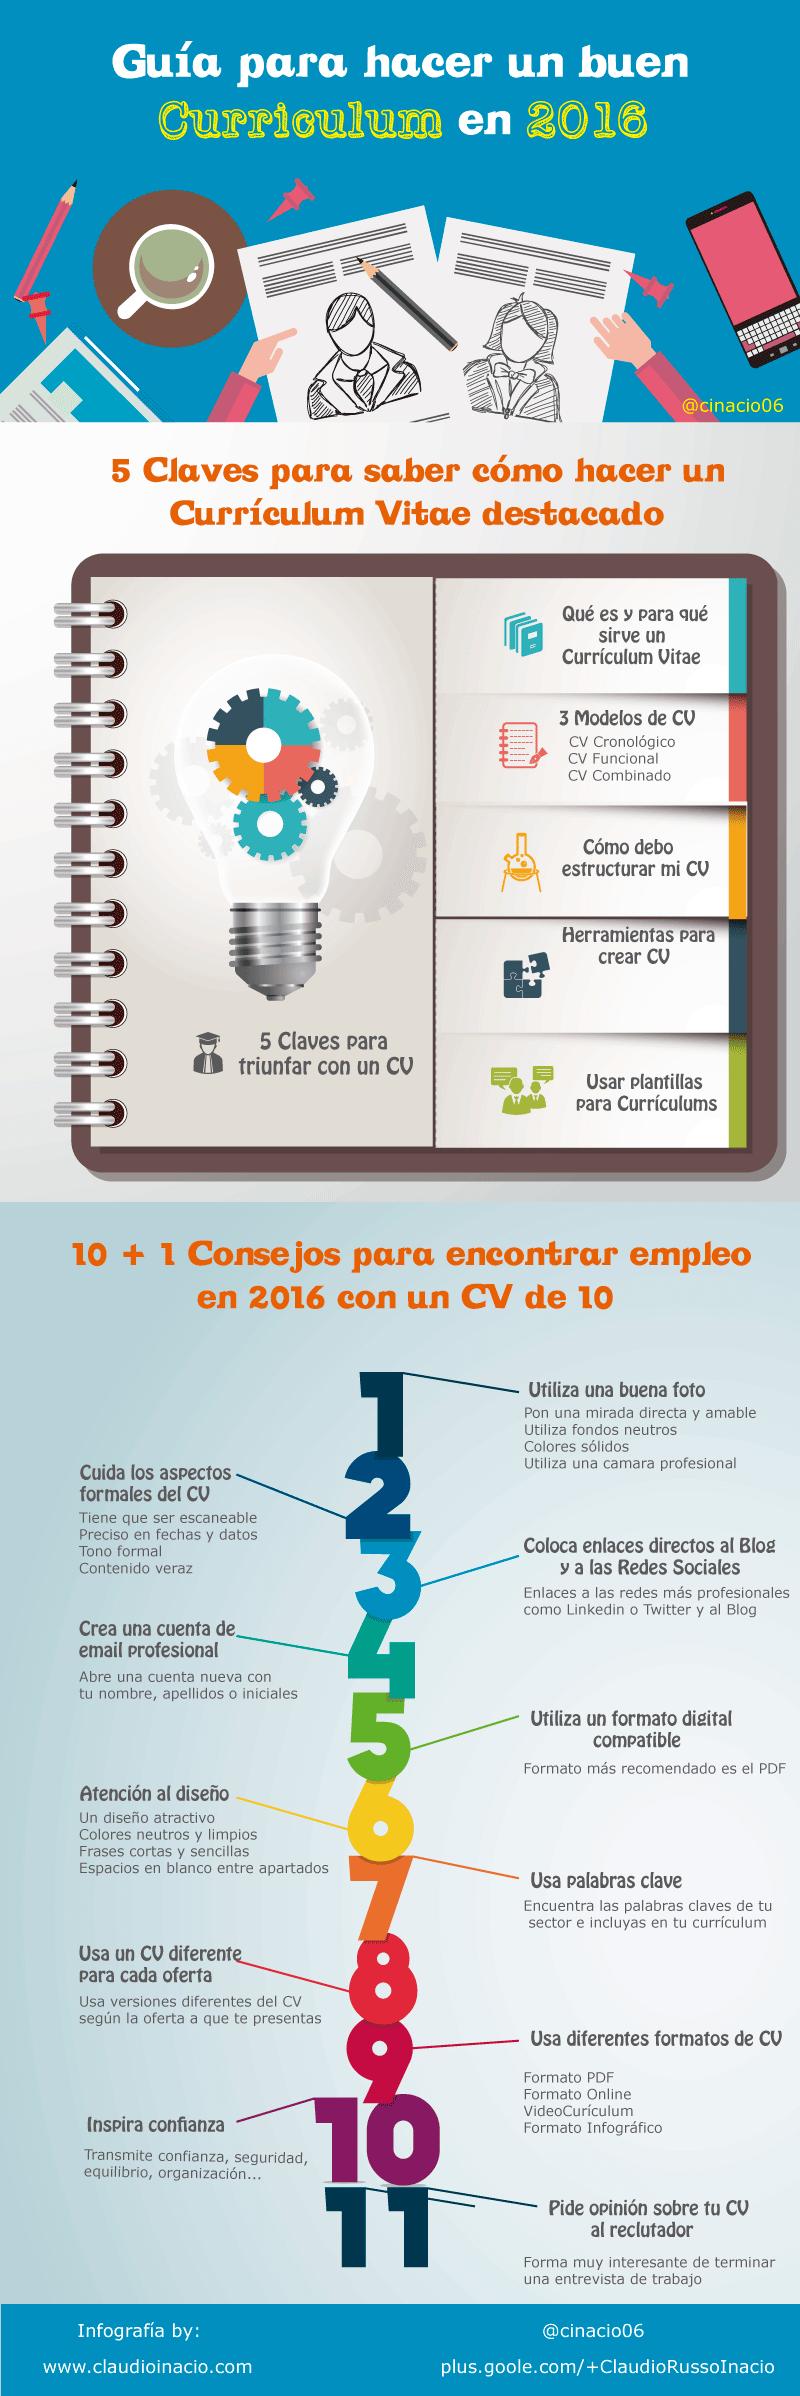 infografía cómo hacer un currículum vitae en 2016